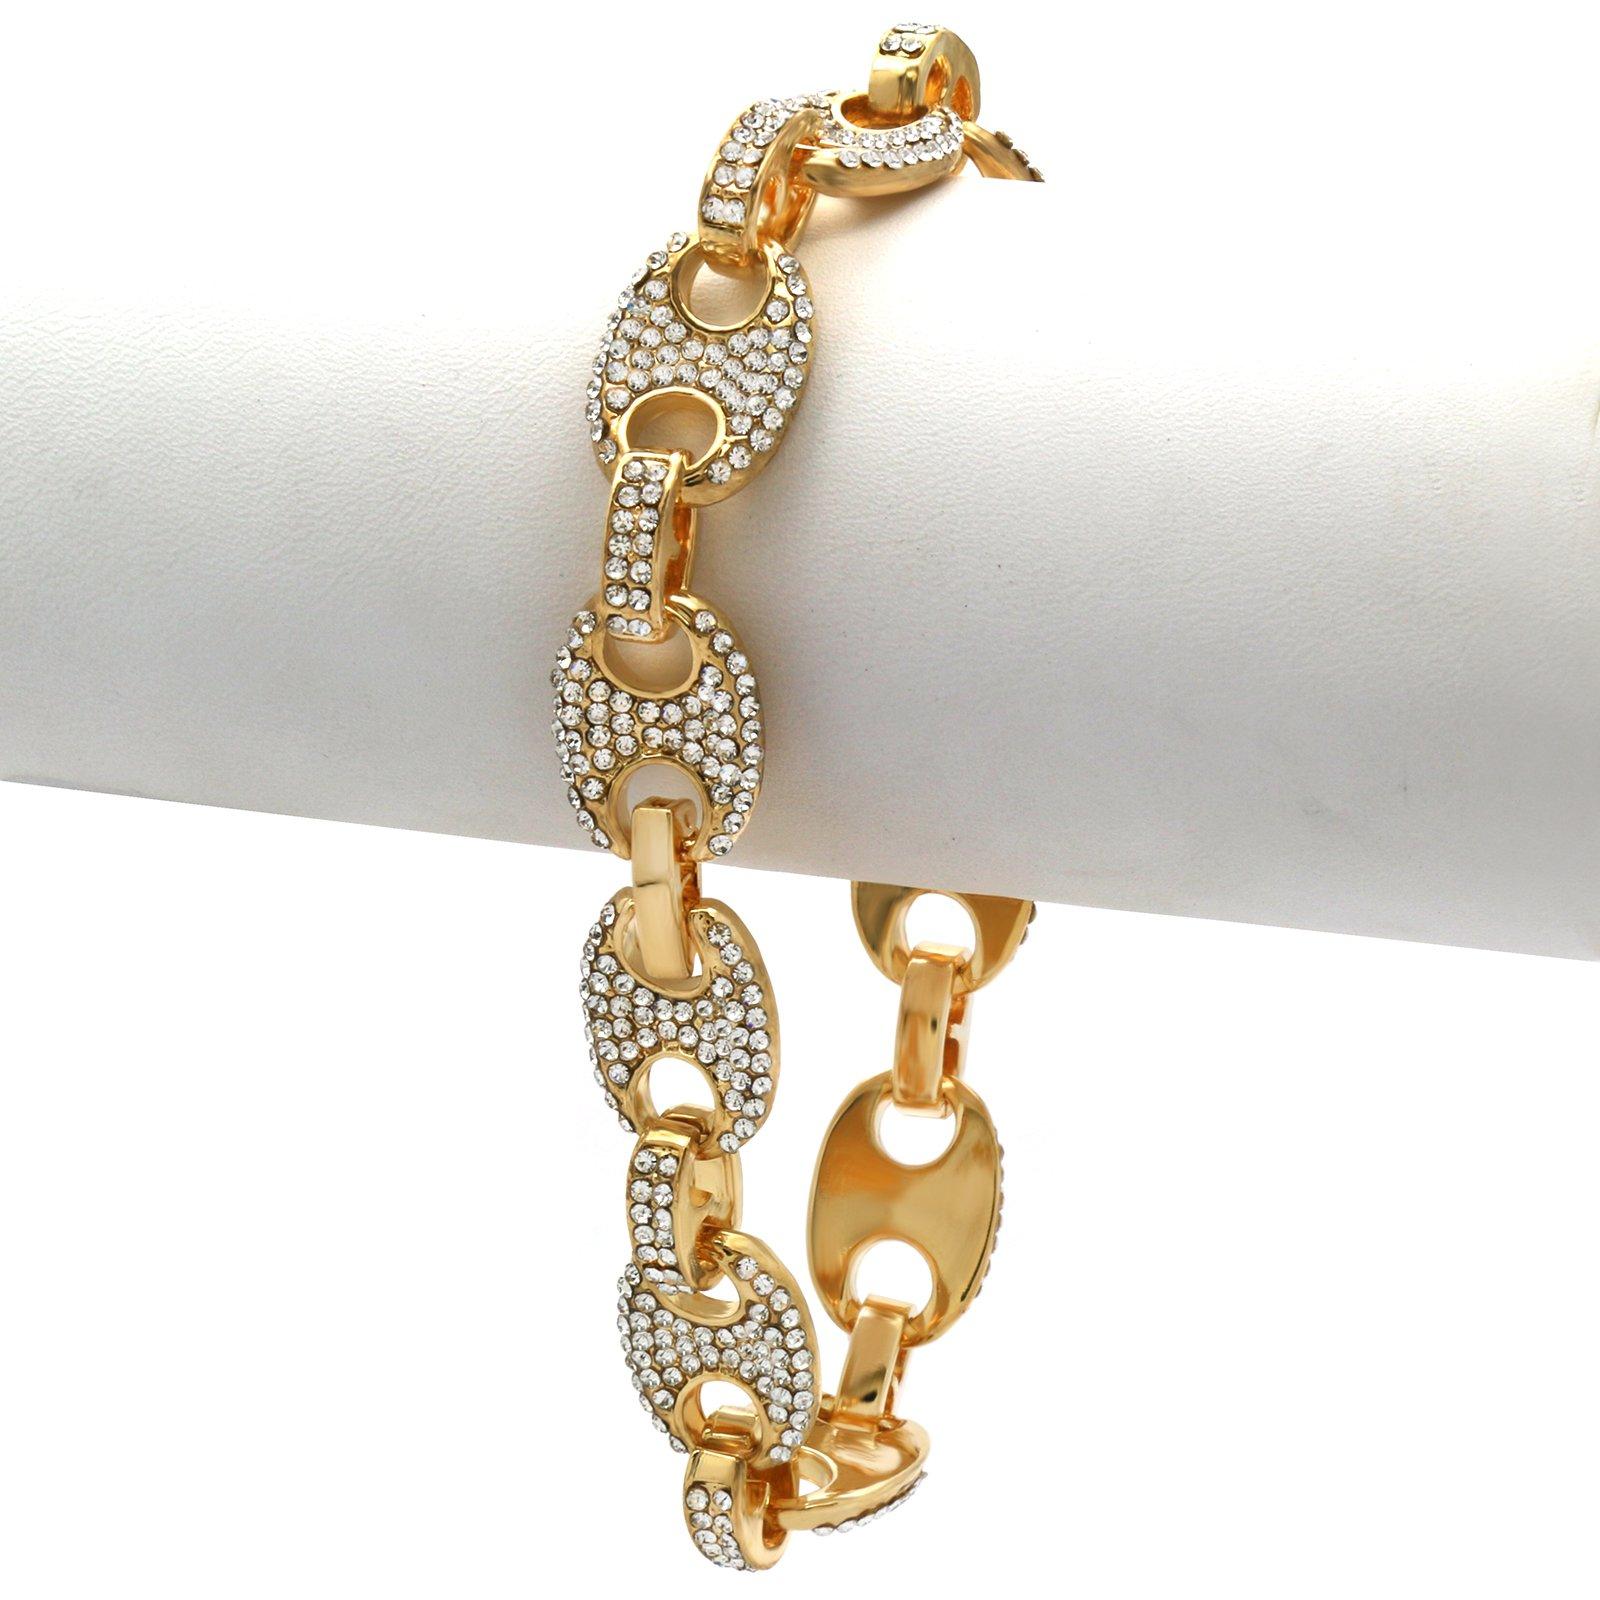 L & L Nation Gold Tone Square bizantine Link Iced Out Clear Cz Stones Hip Hop Bracelet 8.5'' Inch PLUS Cz Earrings SET